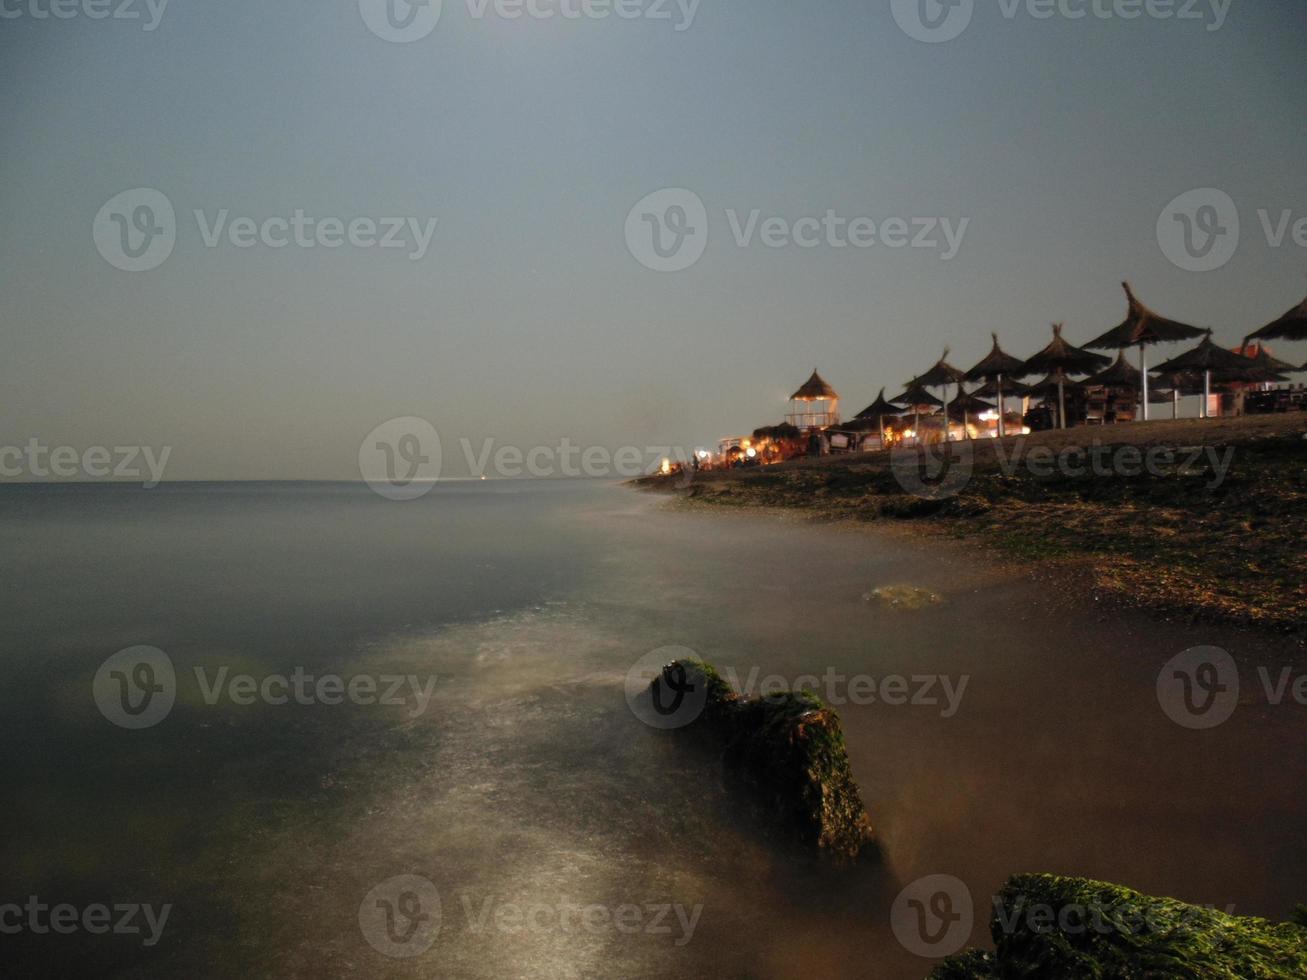 foto de larga exposición a la orilla del mar